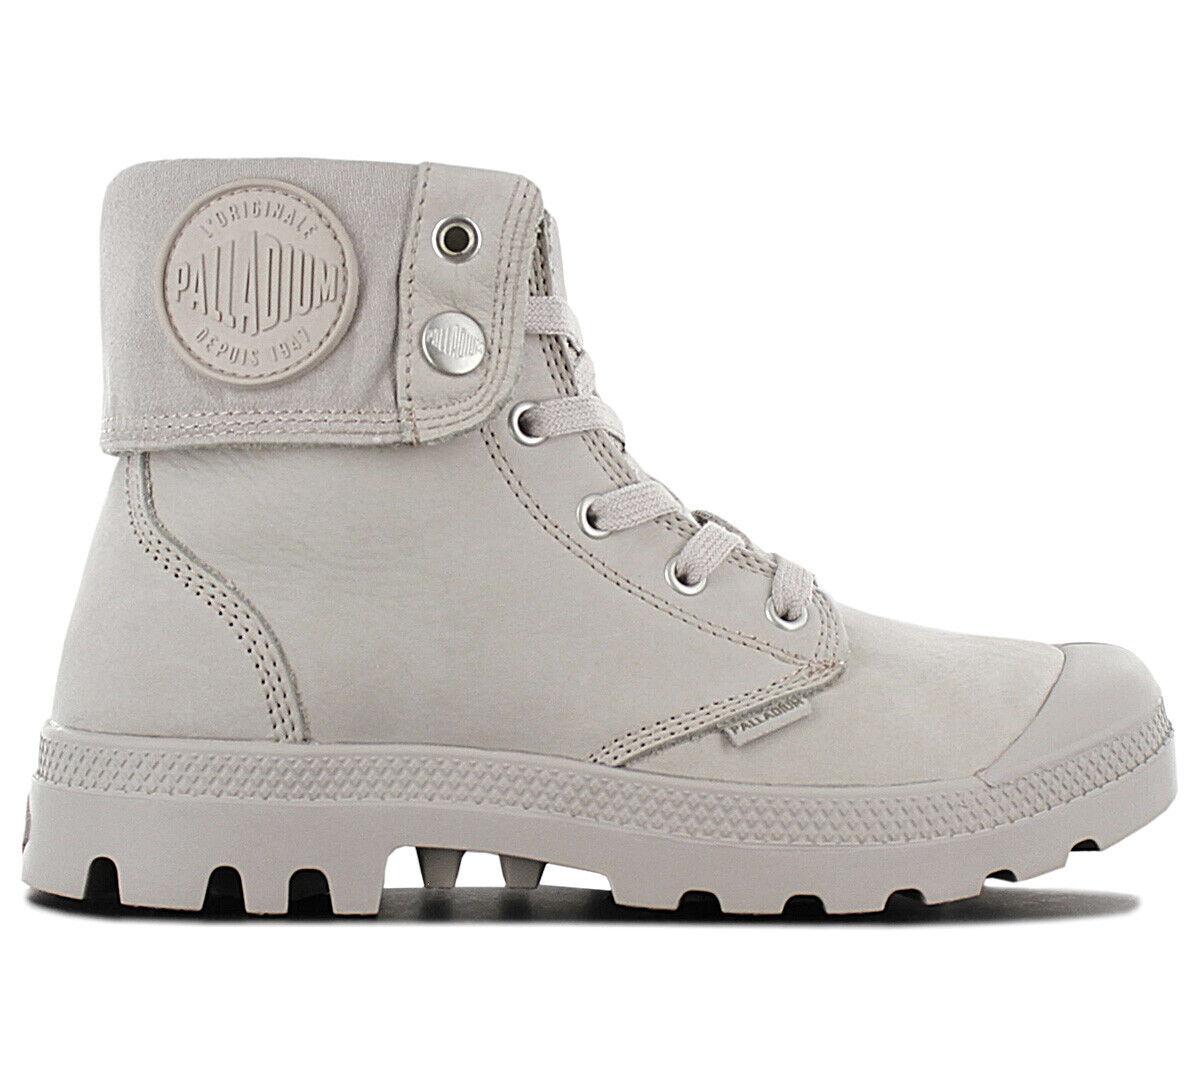 Palladium Pampa Baggy NBK Stiefel 76434-075 Leder Grau Schuhe Stiefel Freizeit NEU